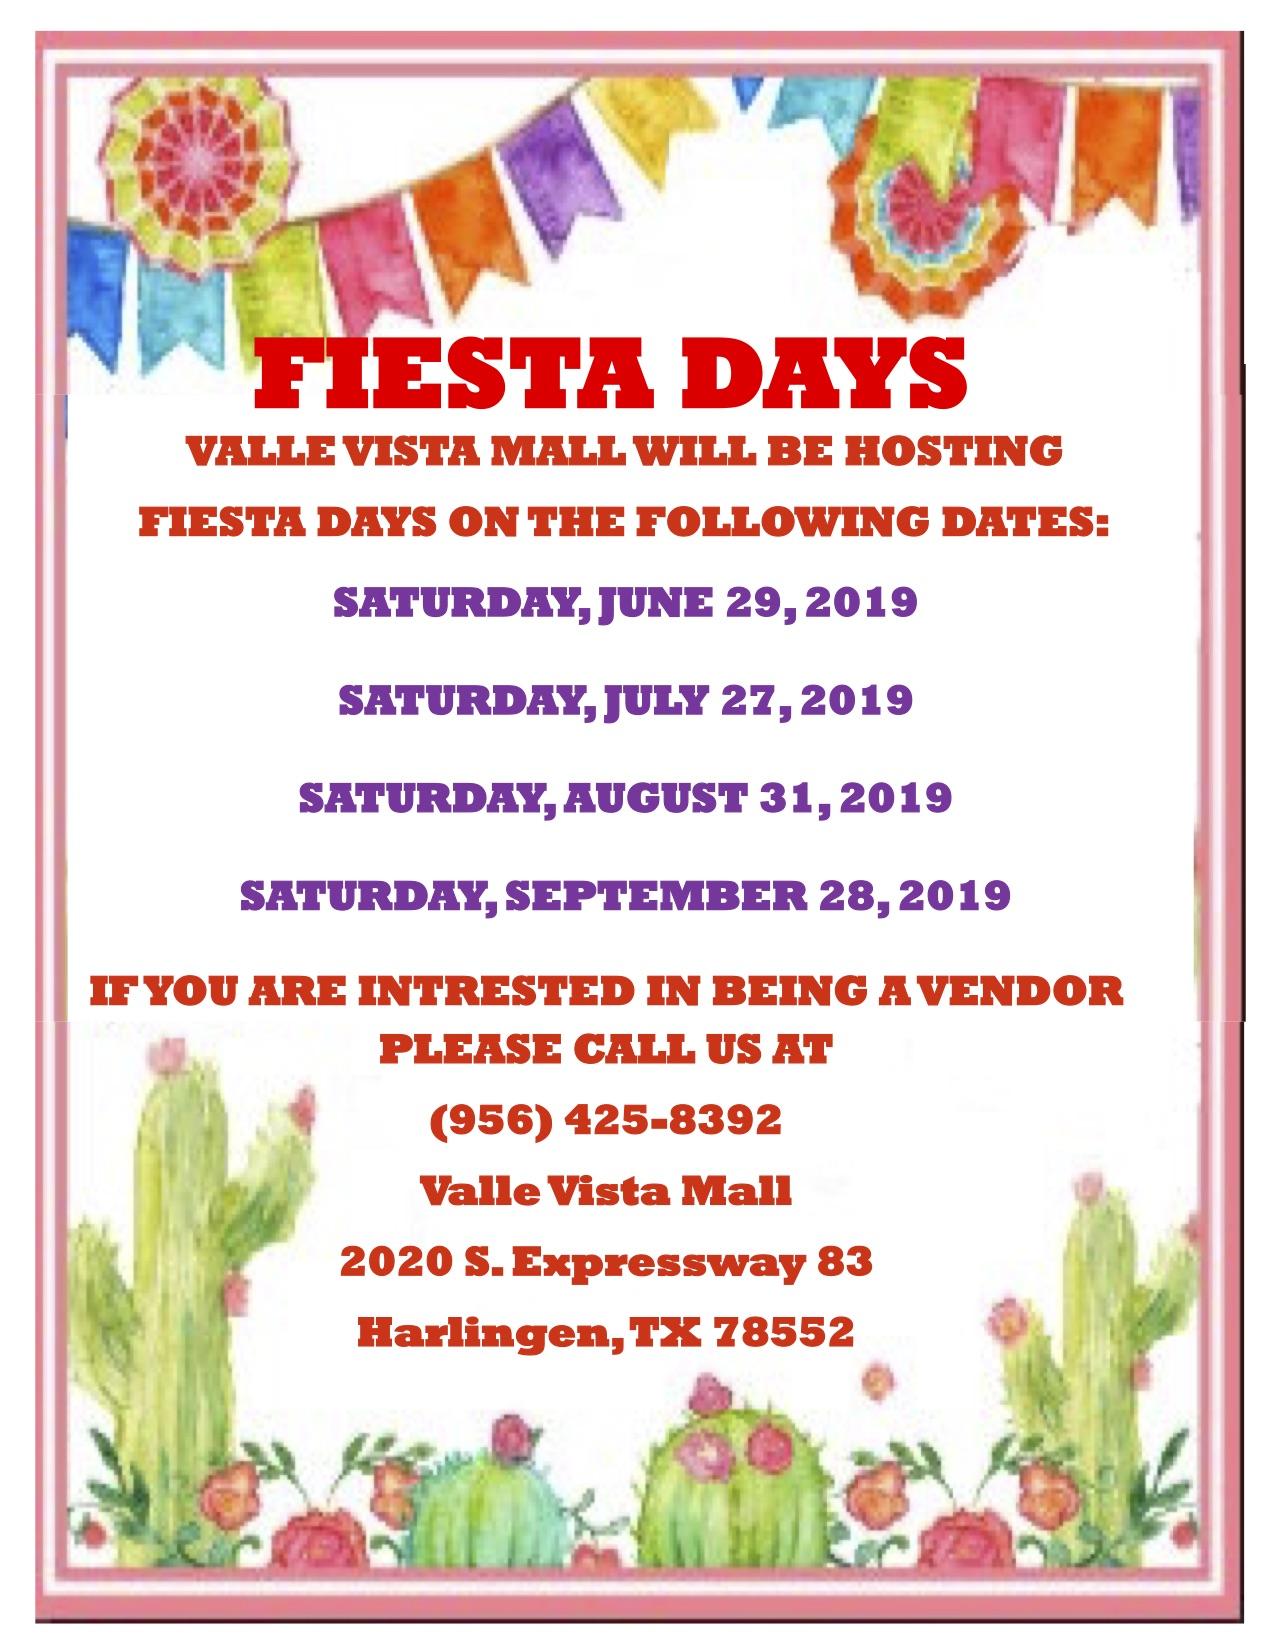 Fiesta Days